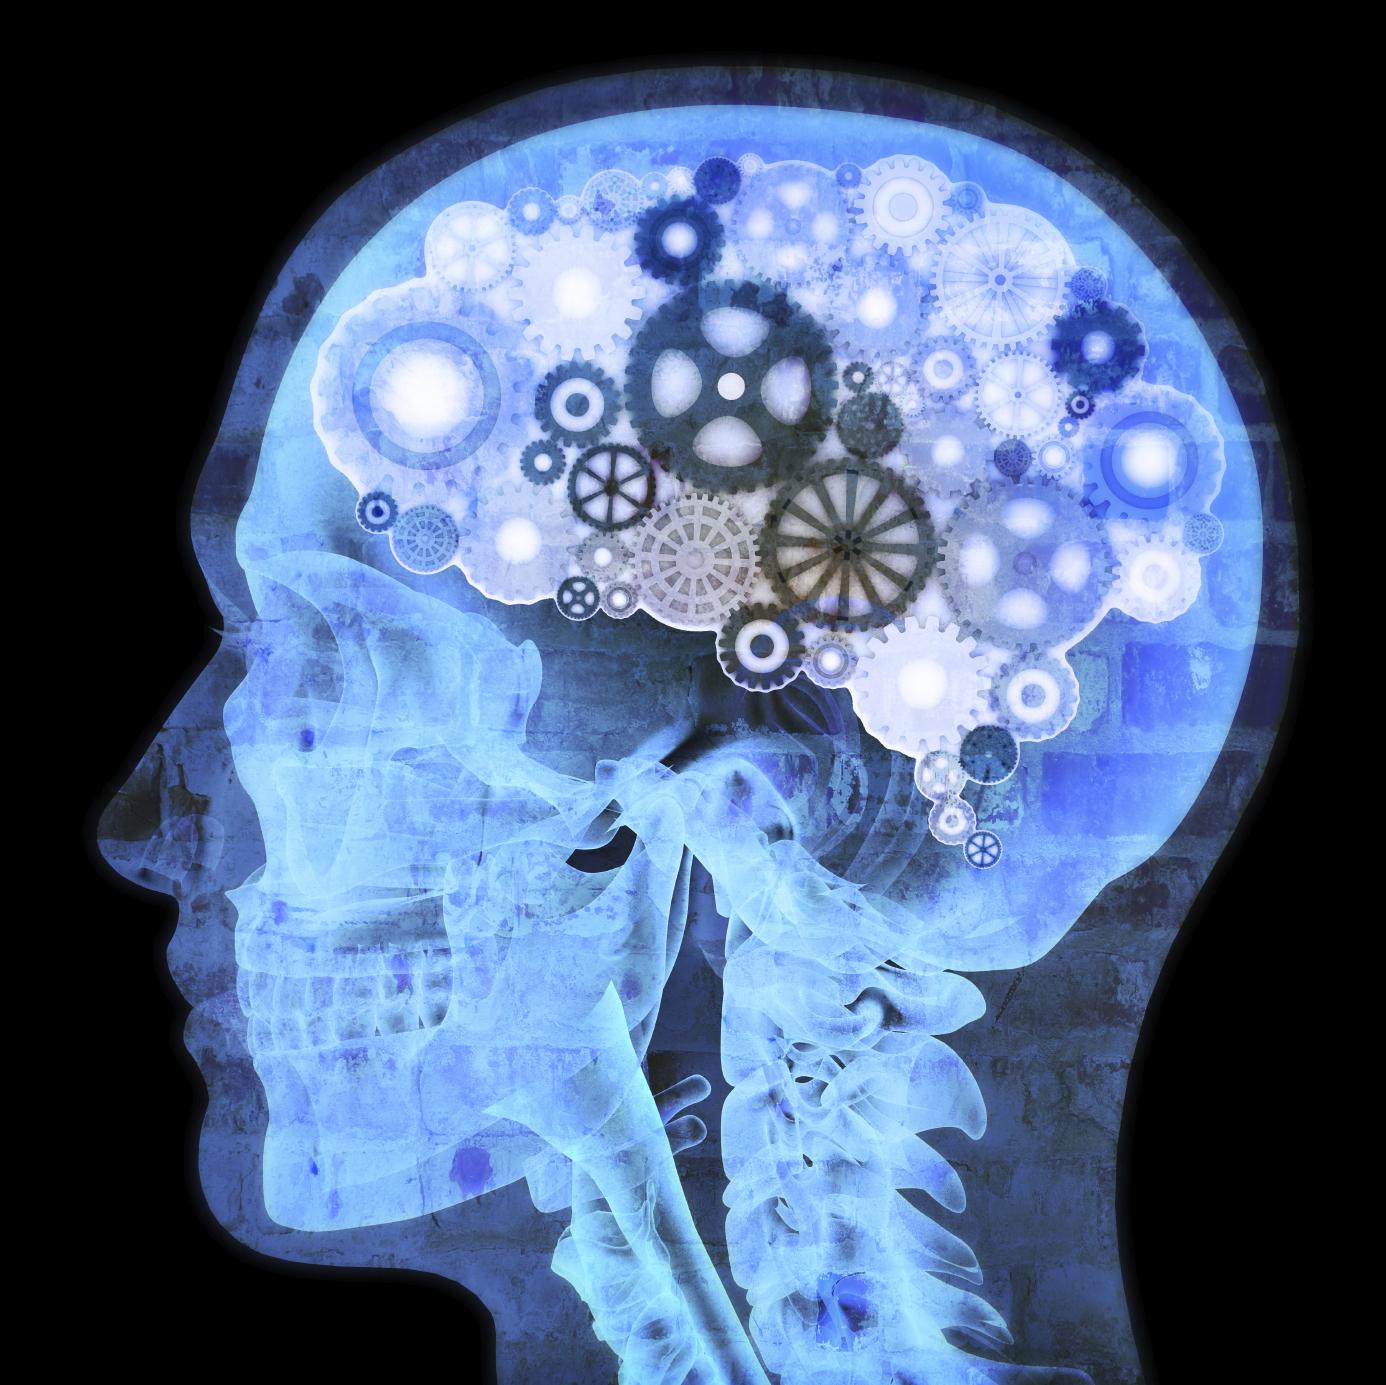 Neuro Surgeon